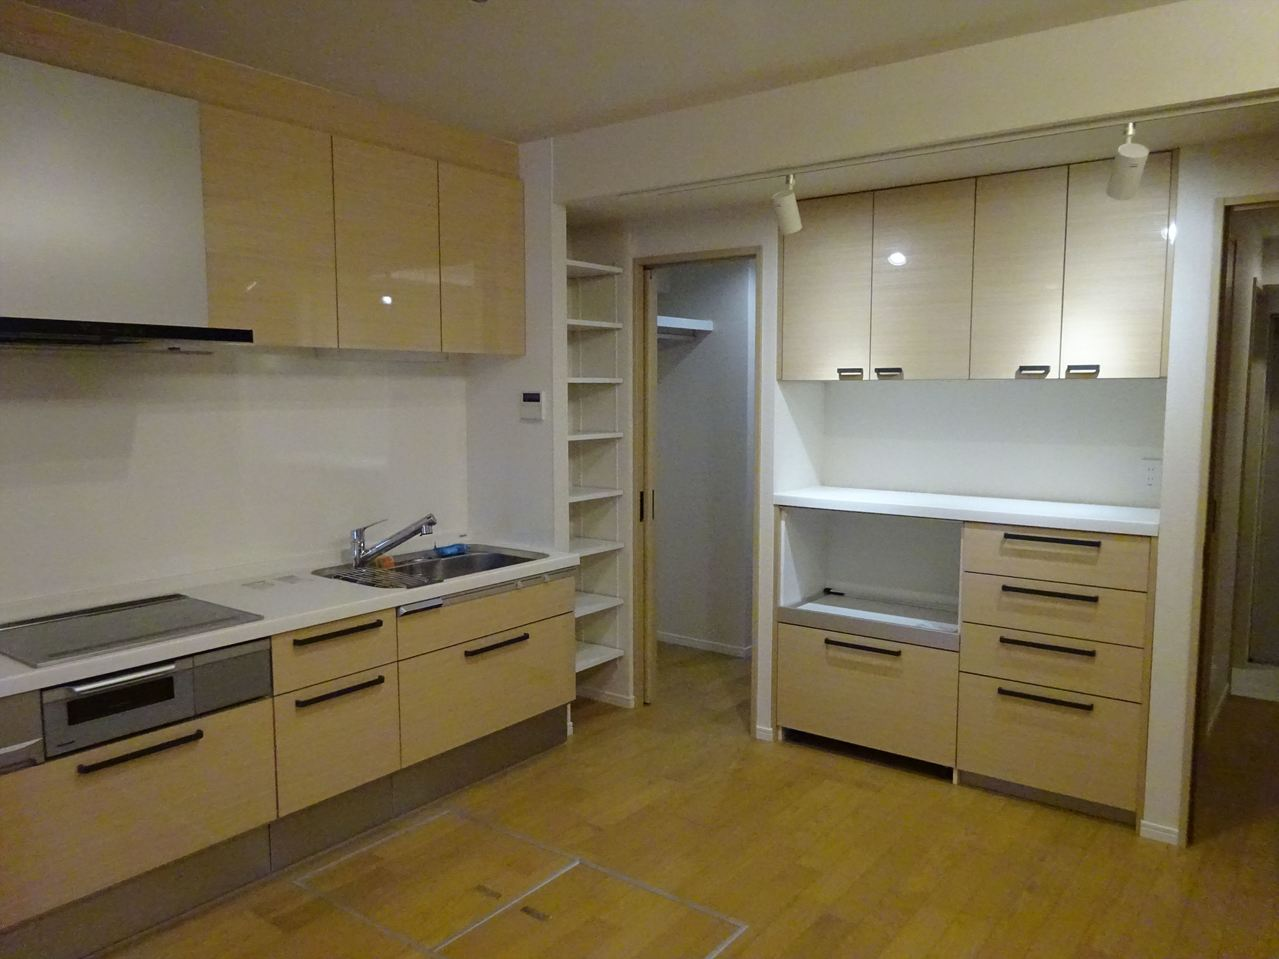 【モデルルーム】 あなただけの特別の暮らし♪ハウスドゥ!青梅河辺店だからできるリノベマンションとオシャレ家具の融合♪ 『こんな部屋に住みたい』こだわりの強いあなたに寄り添う素敵な家具、ご提案します